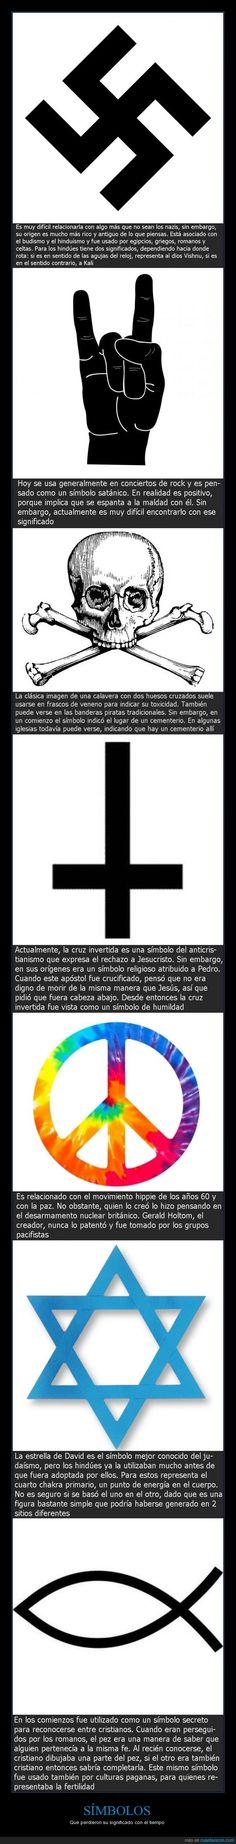 SÍMBOLOS - Que perdieron su significado con el tiempo   Gracias a http://www.cuantarazon.com/   Si quieres leer la noticia completa visita: http://www.estoy-aburrido.com/simbolos-que-perdieron-su-significado-con-el-tiempo/